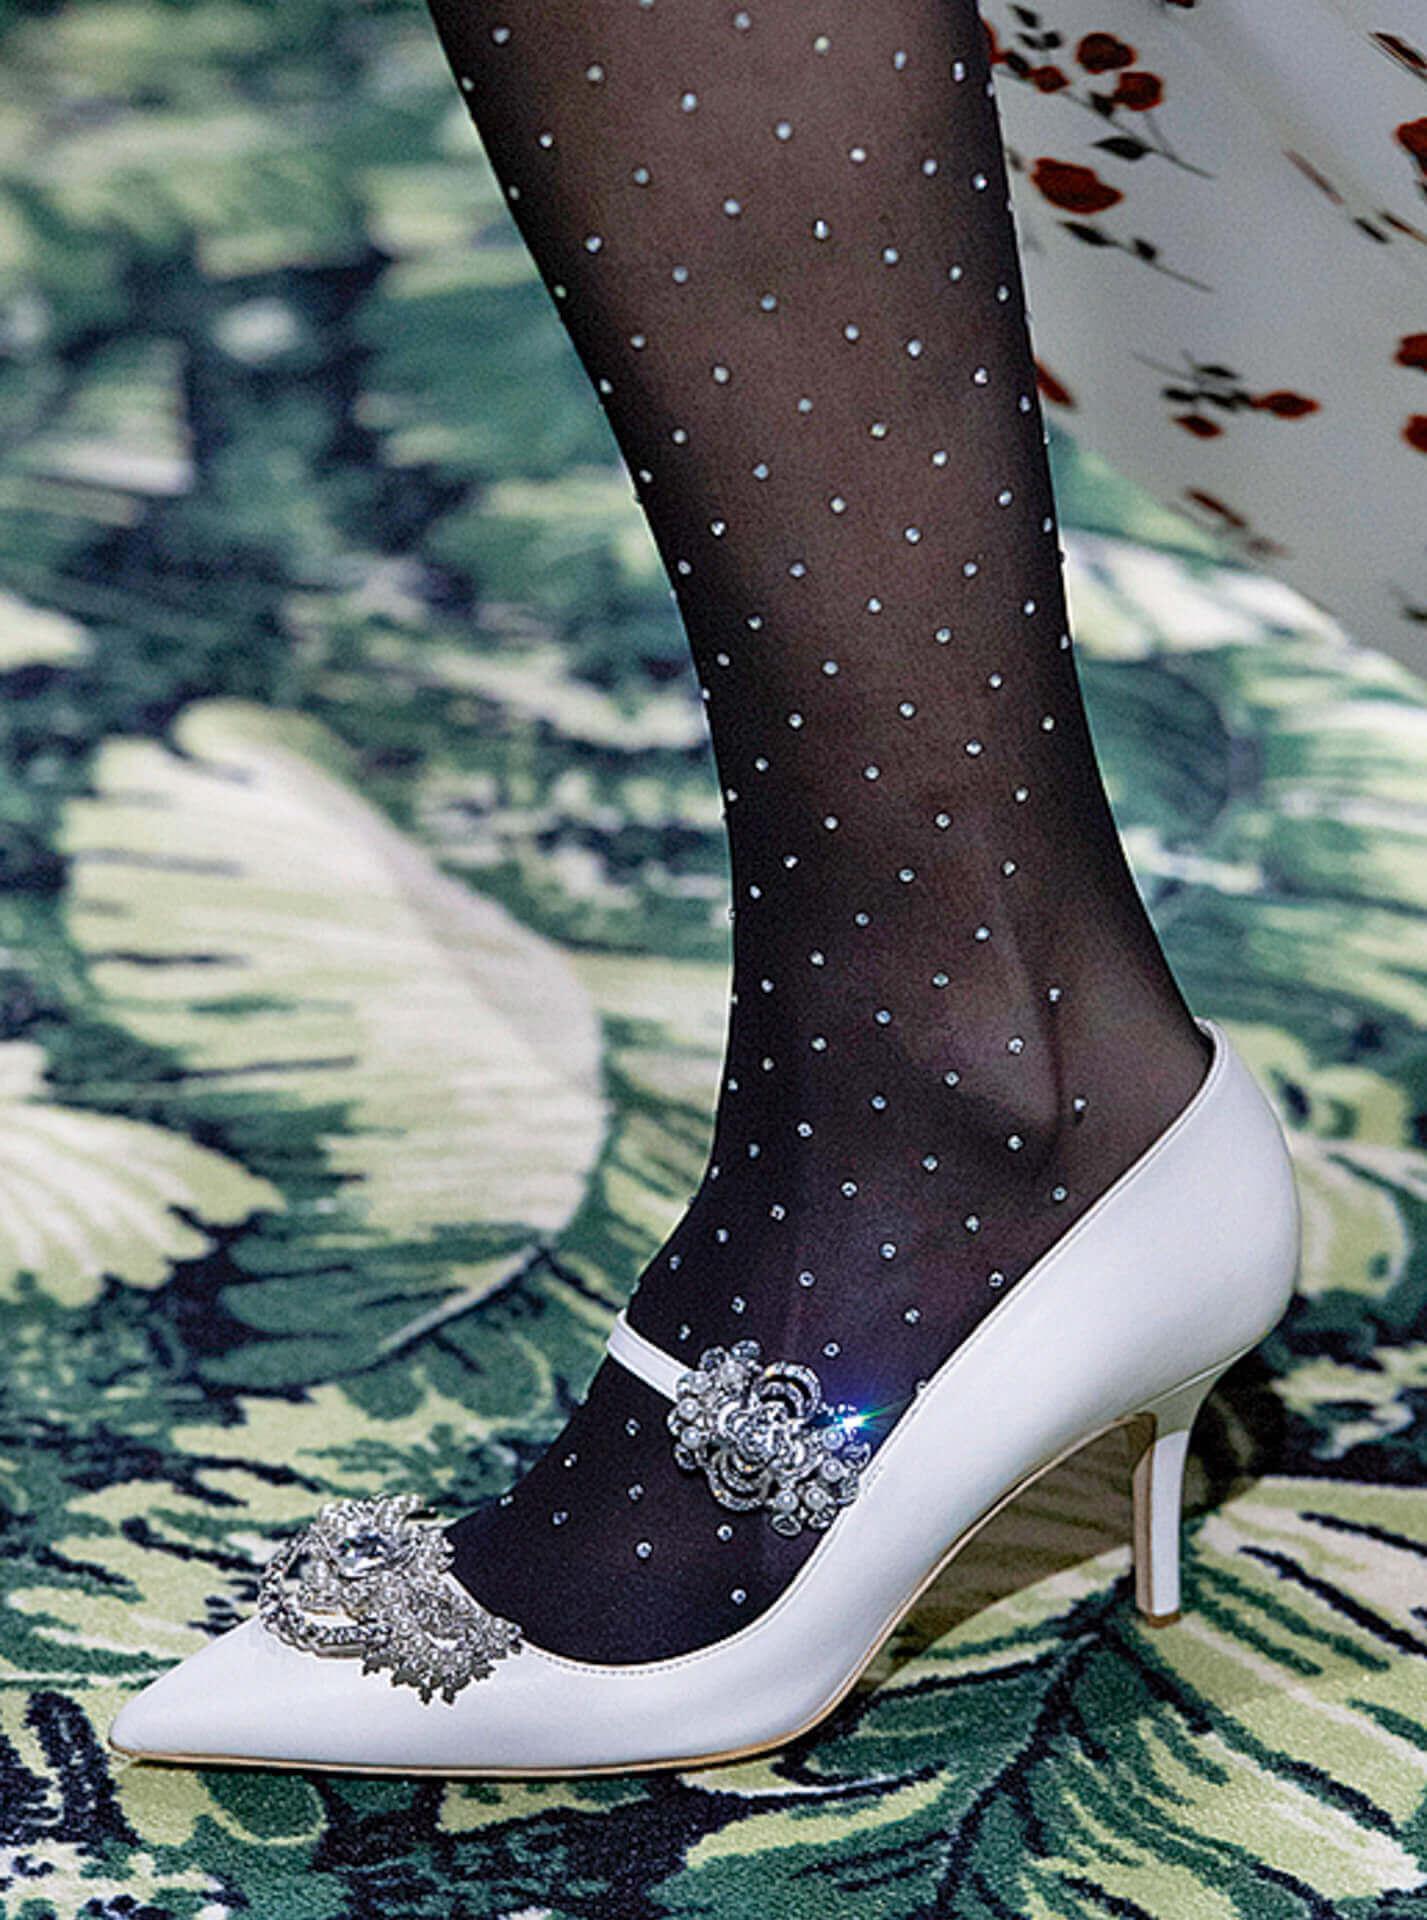 Eleganter Style vom Runway bei Paco Rabanne © Jason Lloyd Evans